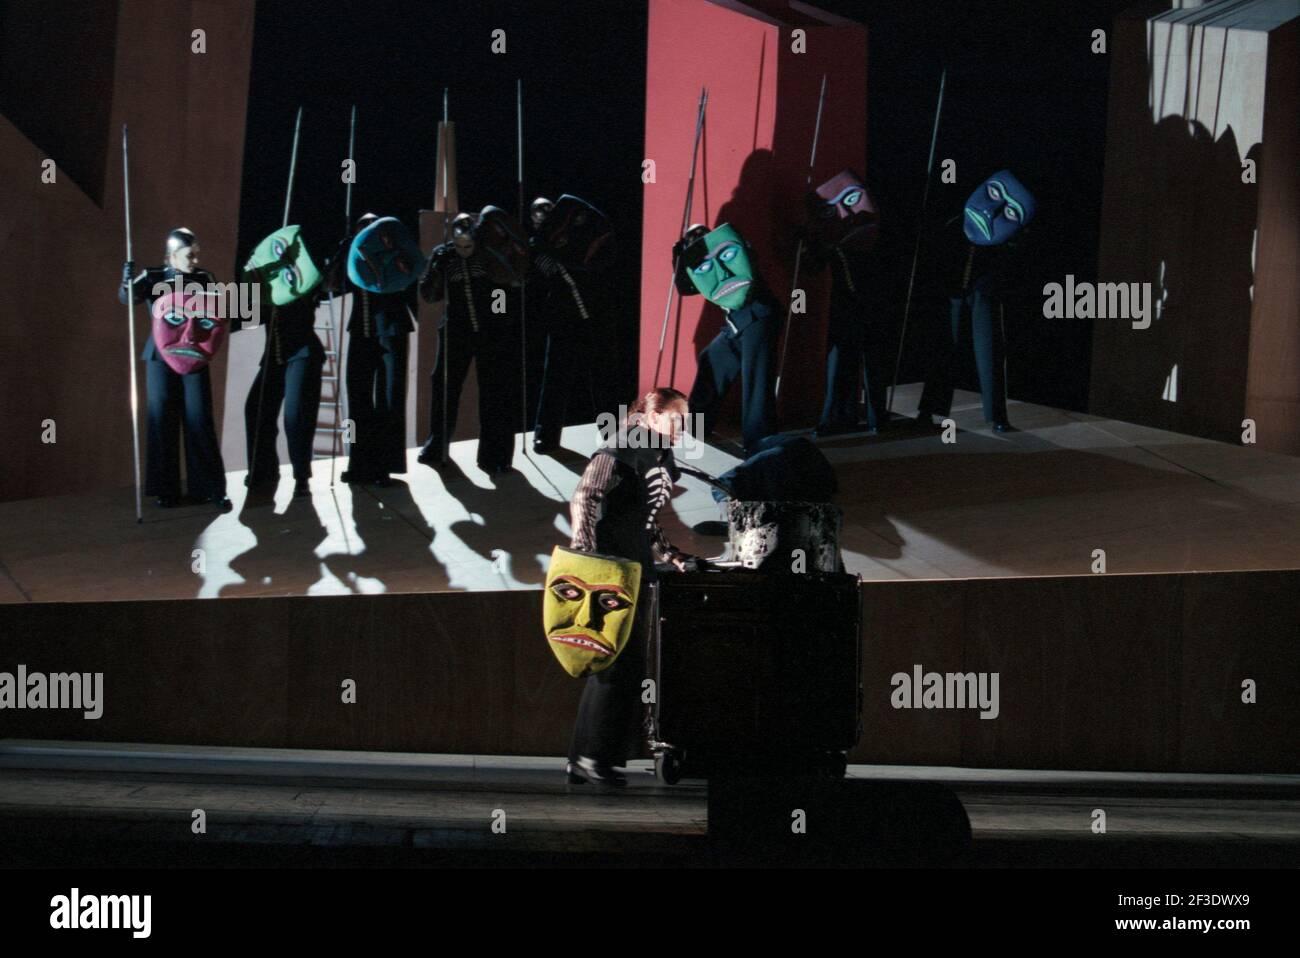 Deborah Polaski (Brunnhilde) mit Valkyries in DIE WALKÜRE von Wagner an der Royal Opera, Covent Garden, London WC2 30/09/1996 Leitung: Bernard Haitink Design: Nigel Lowery Beleuchtung: Pat Collins Regie: Richard Jones Stockfoto